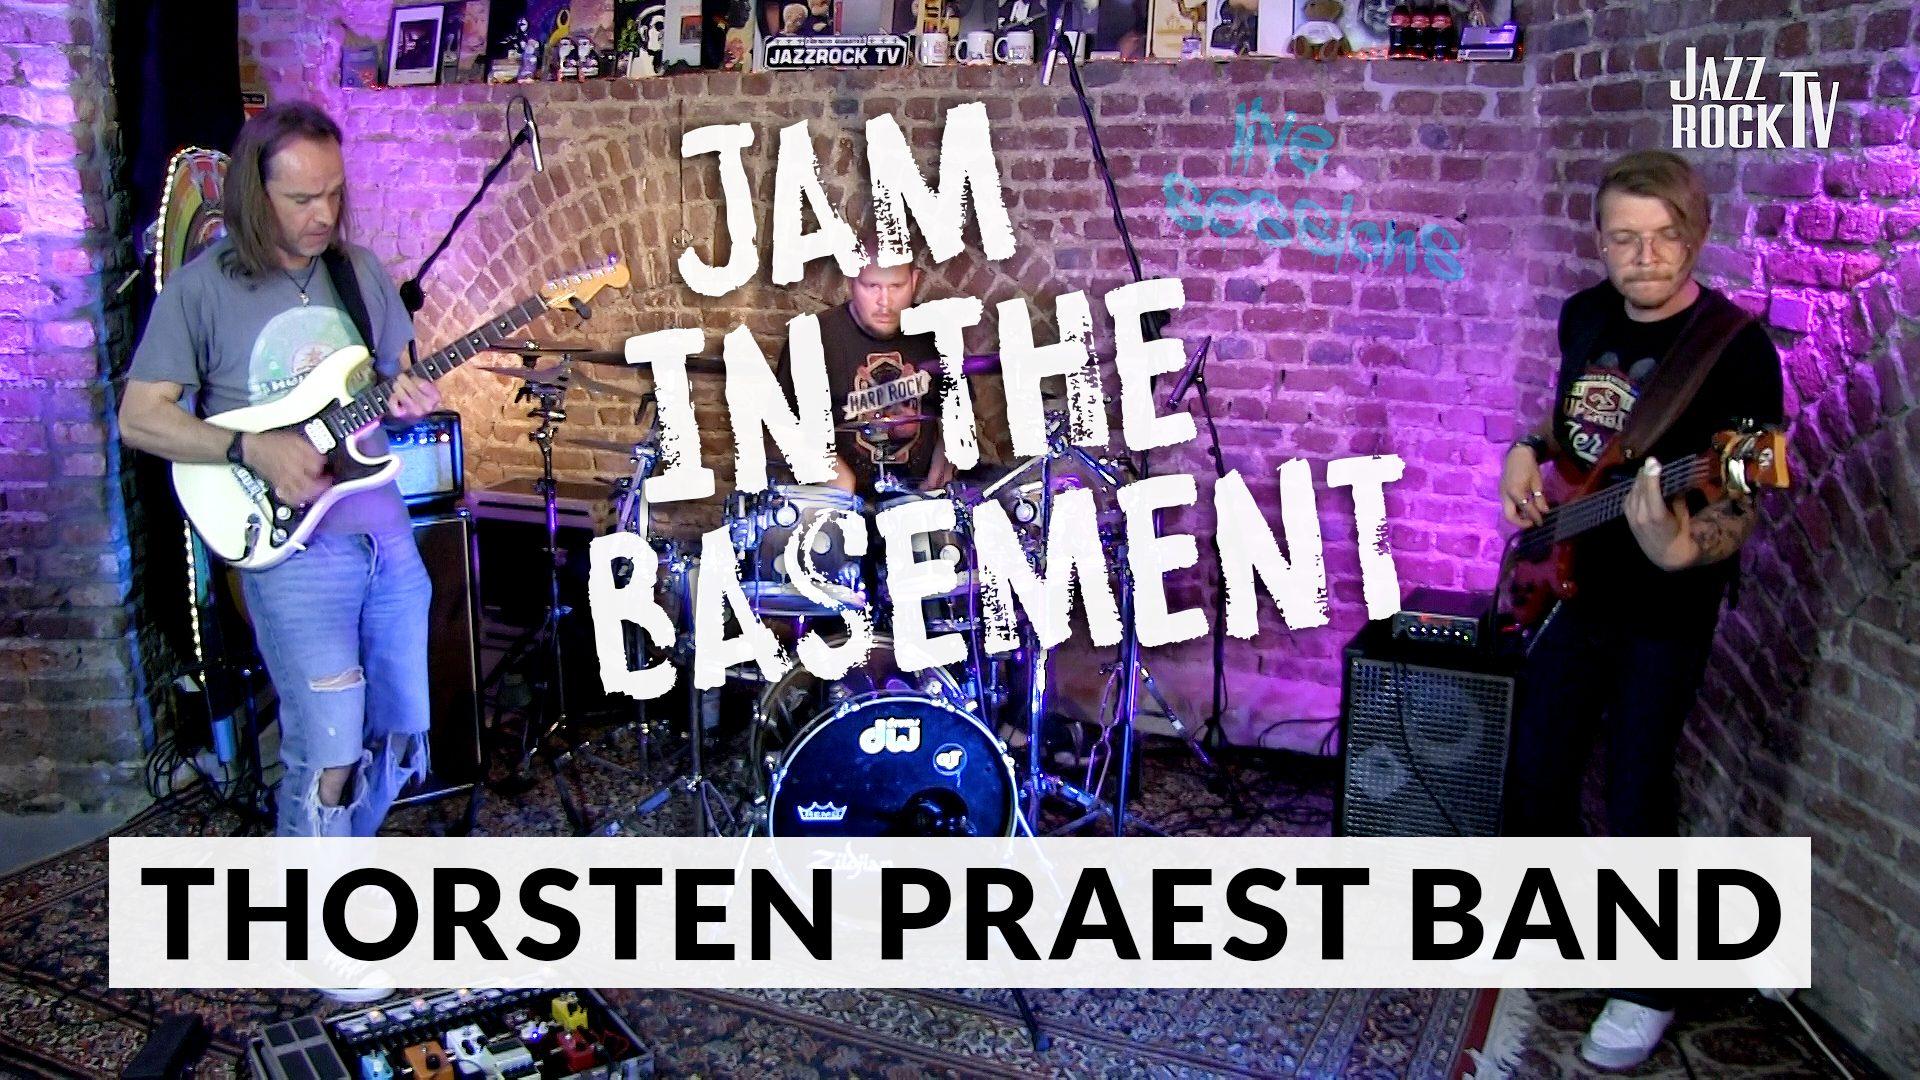 Thorsten Praest Band